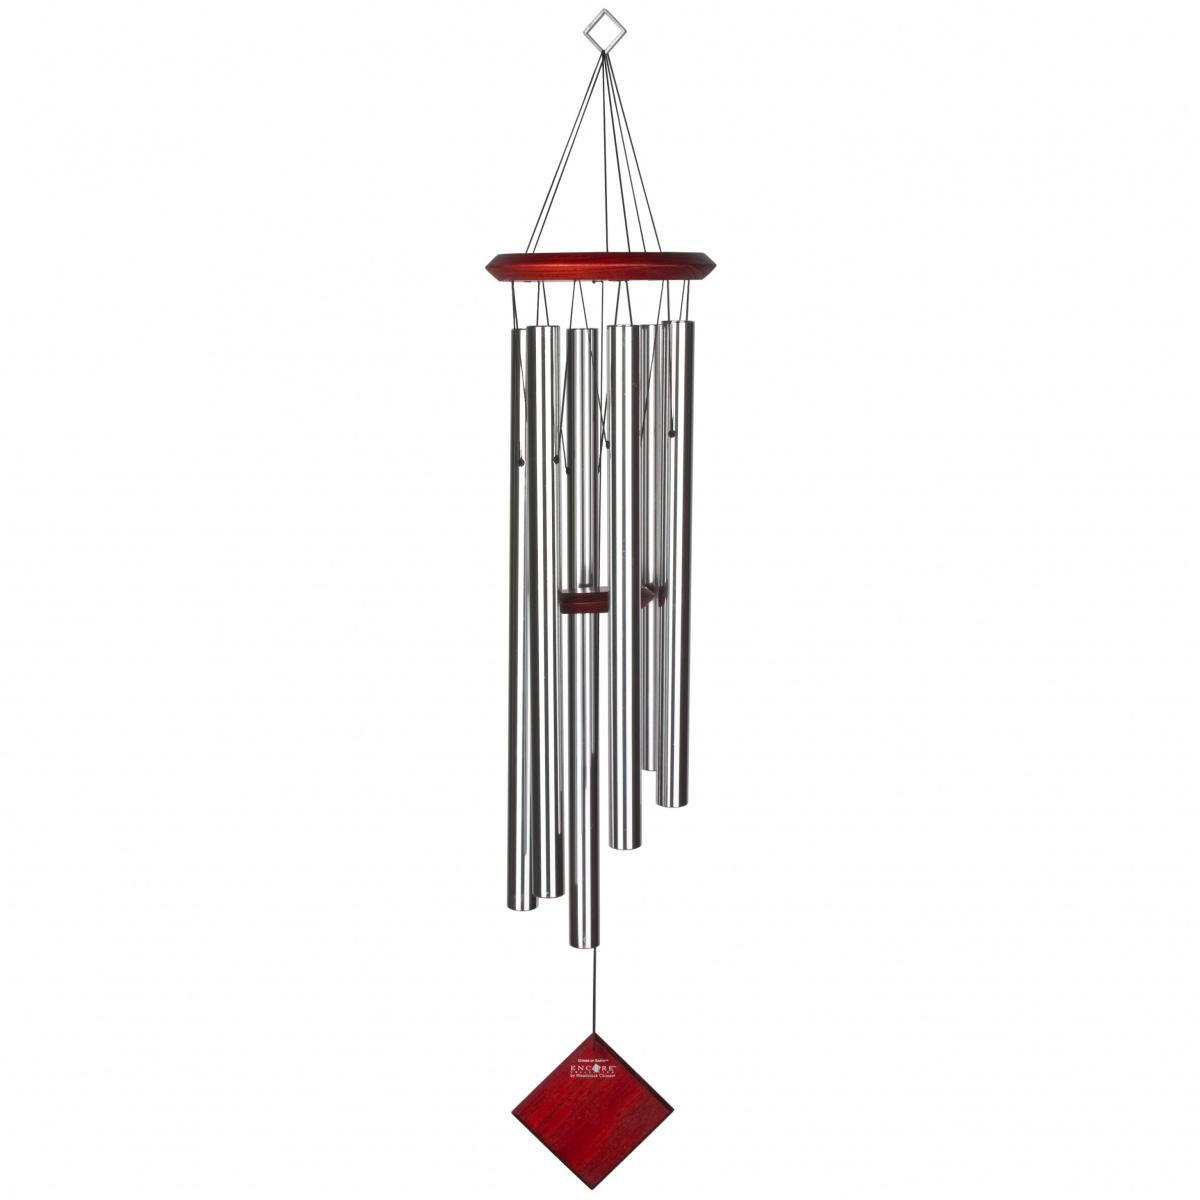 Woodstock vindspil, 94 cm - Jorden, sølv/mørk